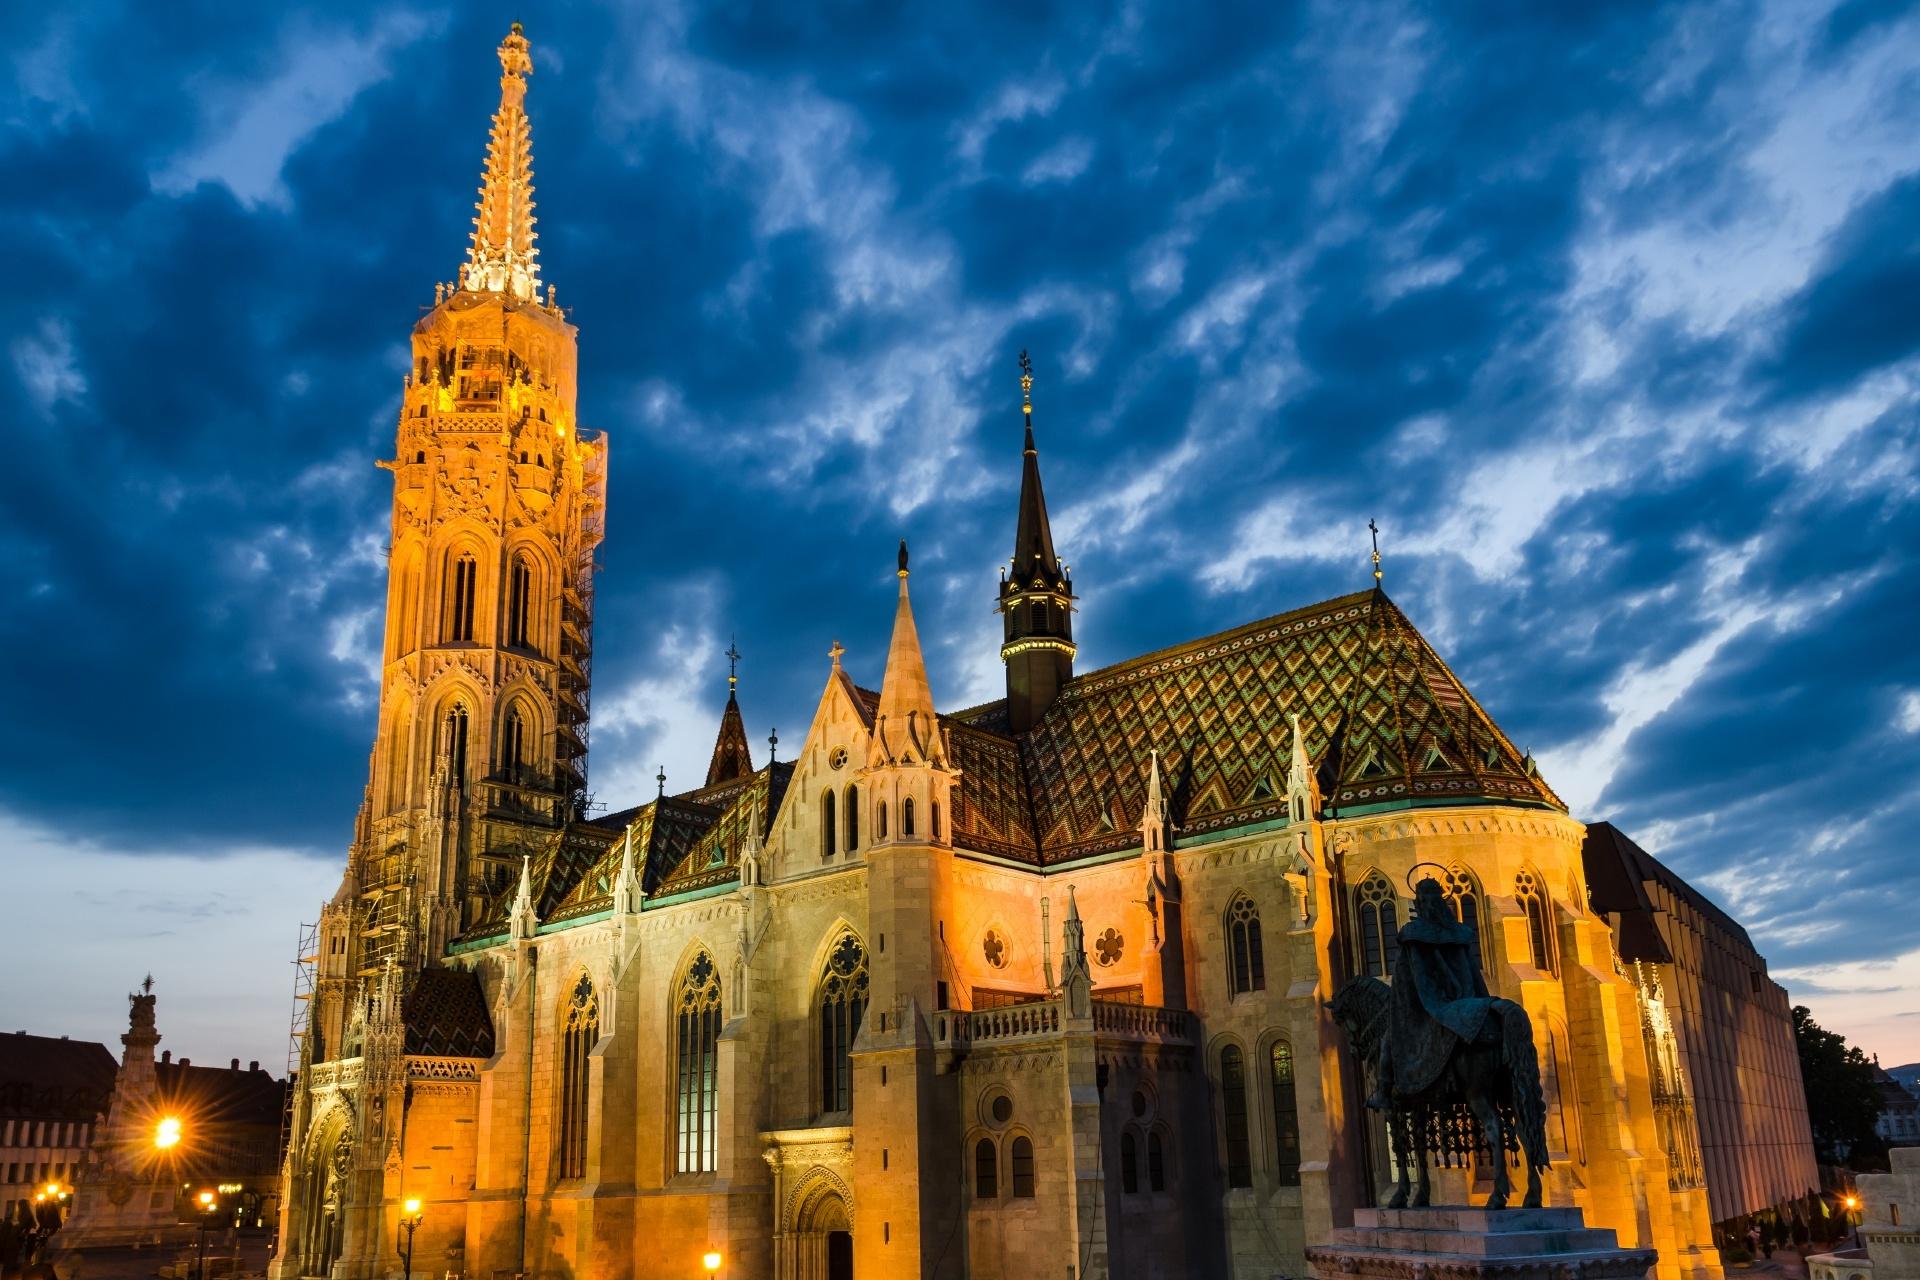 マーチャーシュ聖堂 ハンガリーの風景